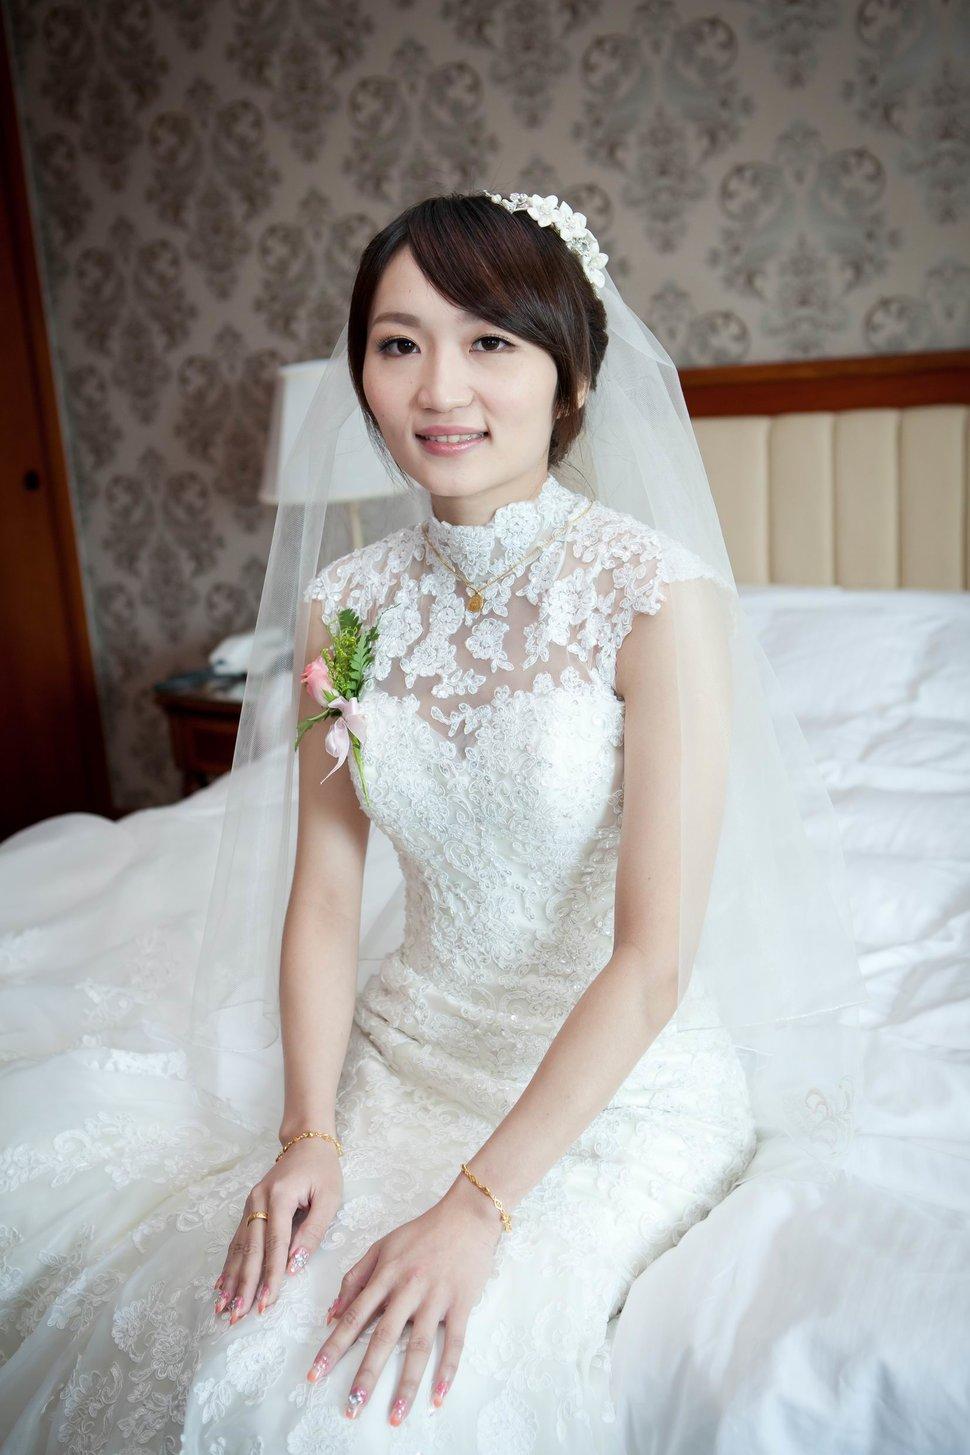 長榮桂冠酒店彭園會館婚禮記錄專業錄影平面攝影(編號:194961) - 蜜月拍照10800錄影12800攝影團隊 - 結婚吧